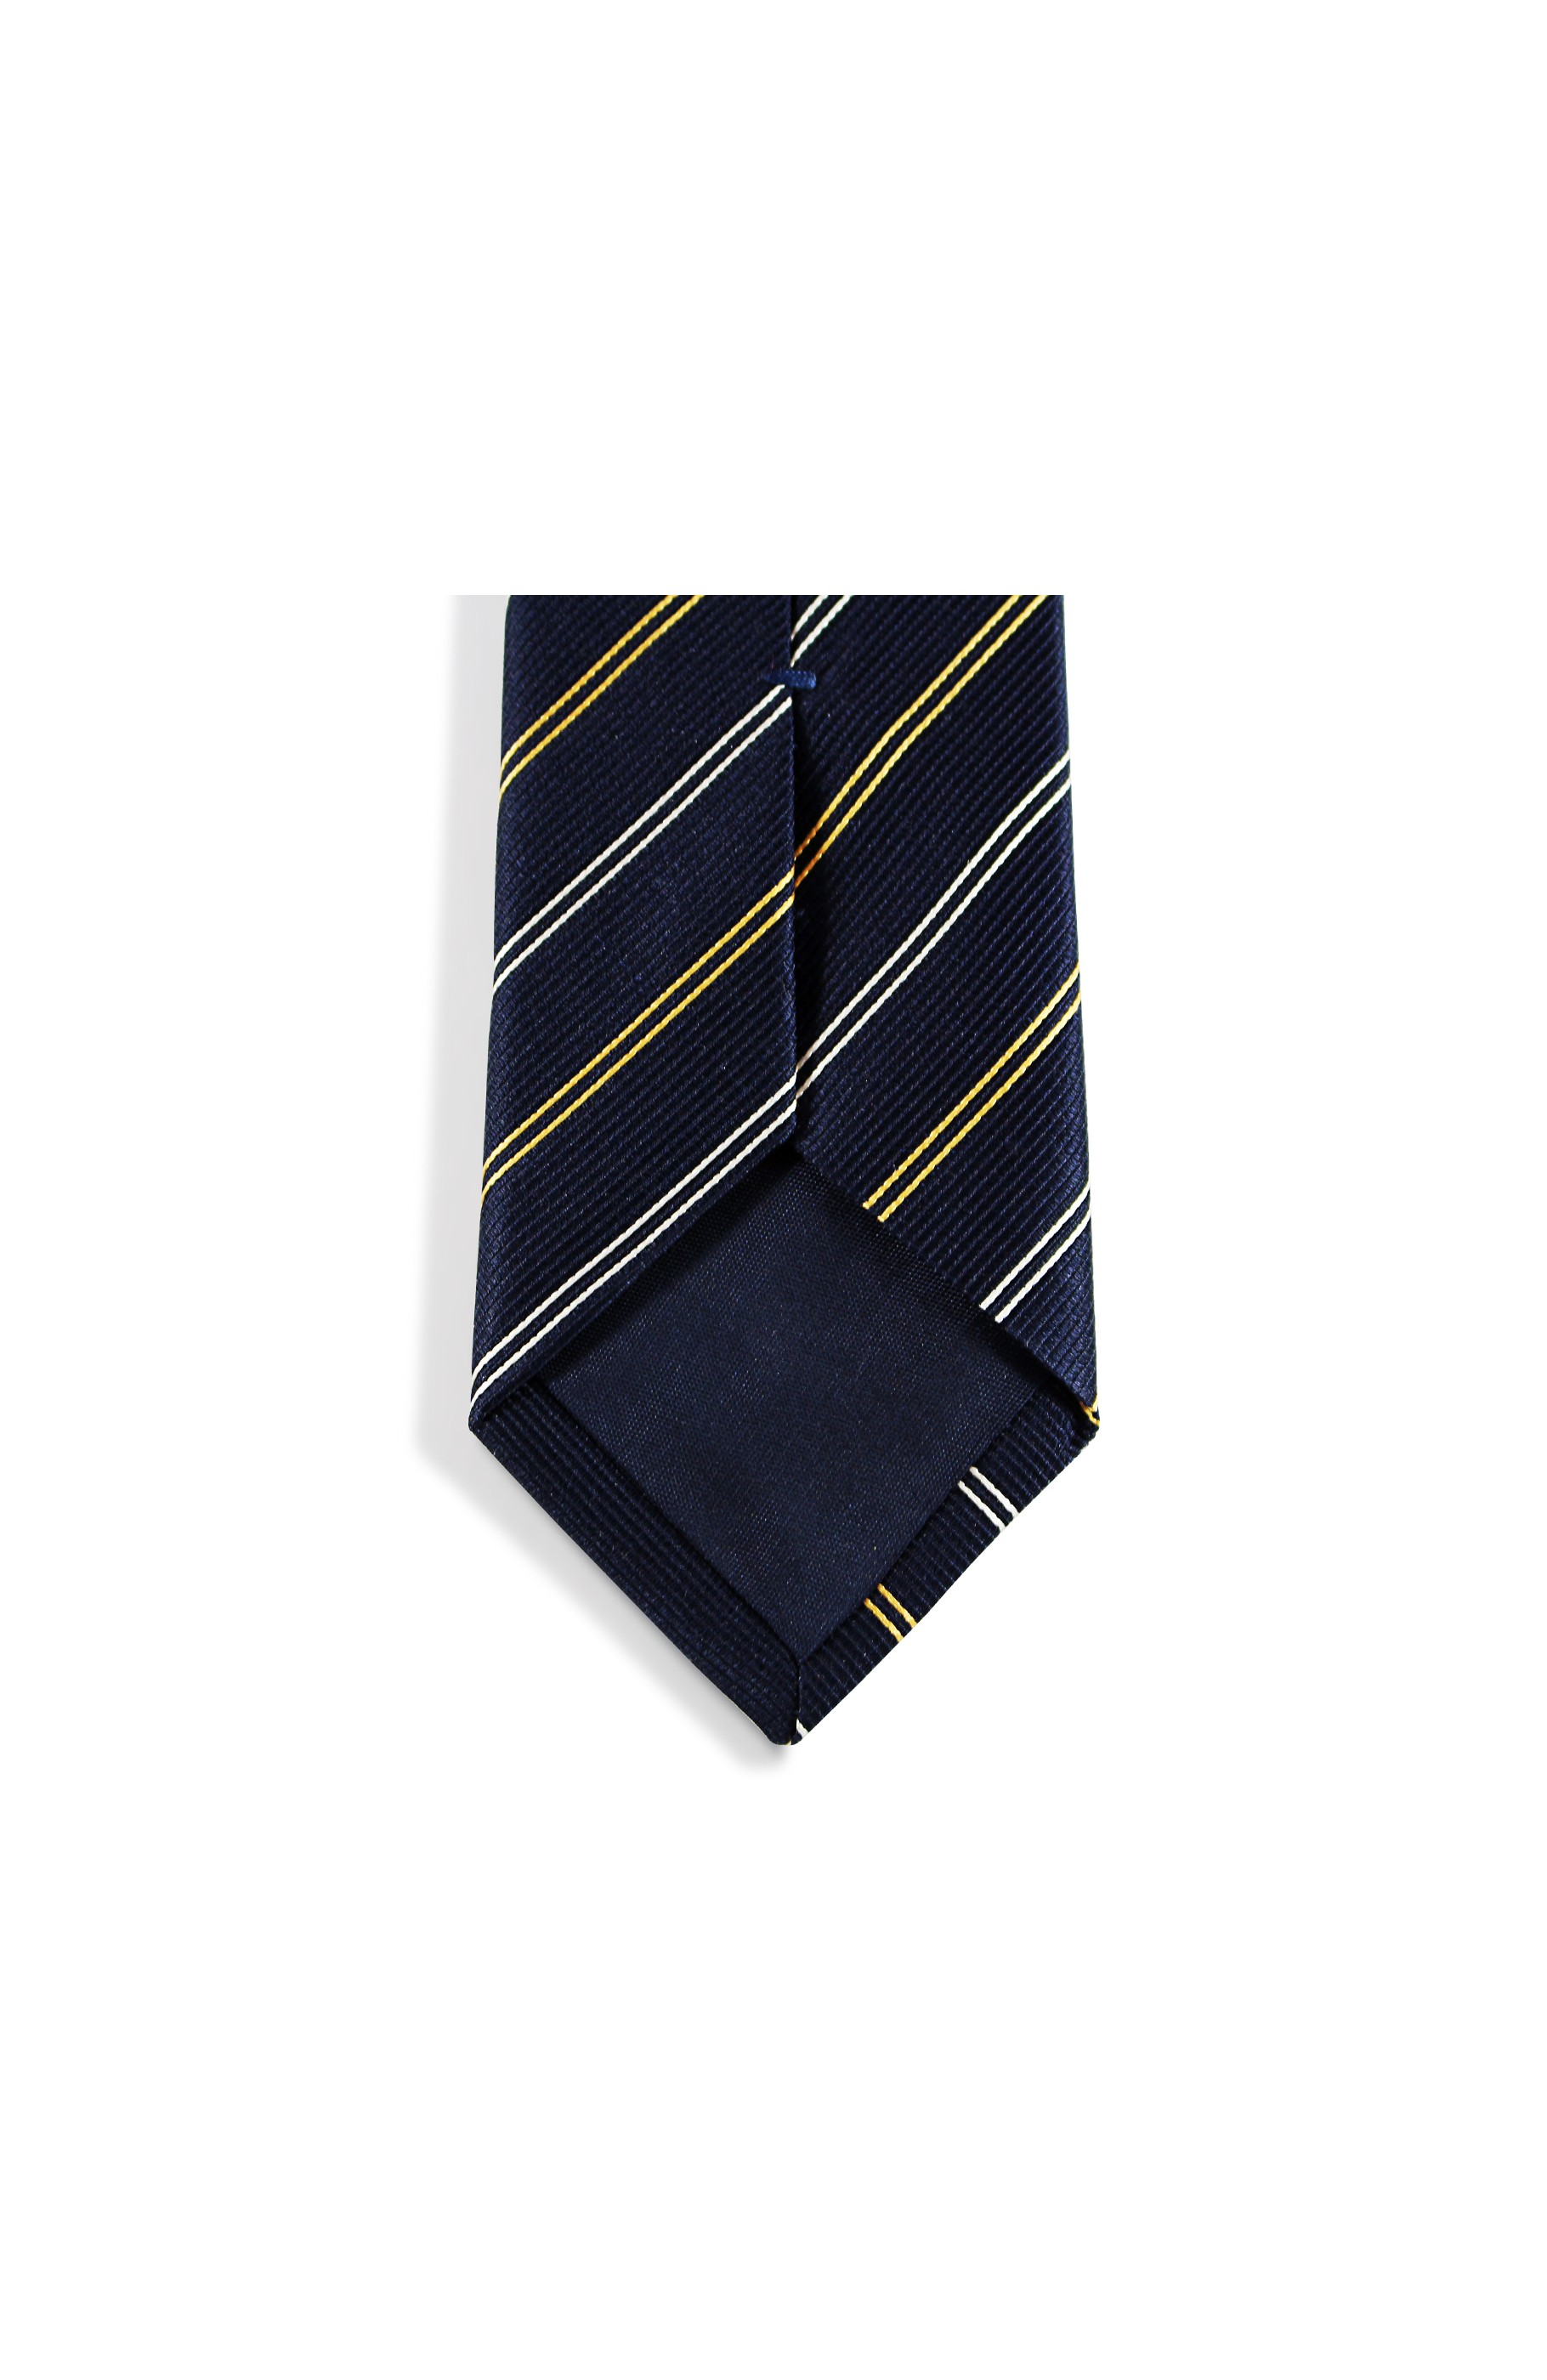 Majesté Couture Paris: Oxford navy tie | Accessories -  Hiphunters Shop